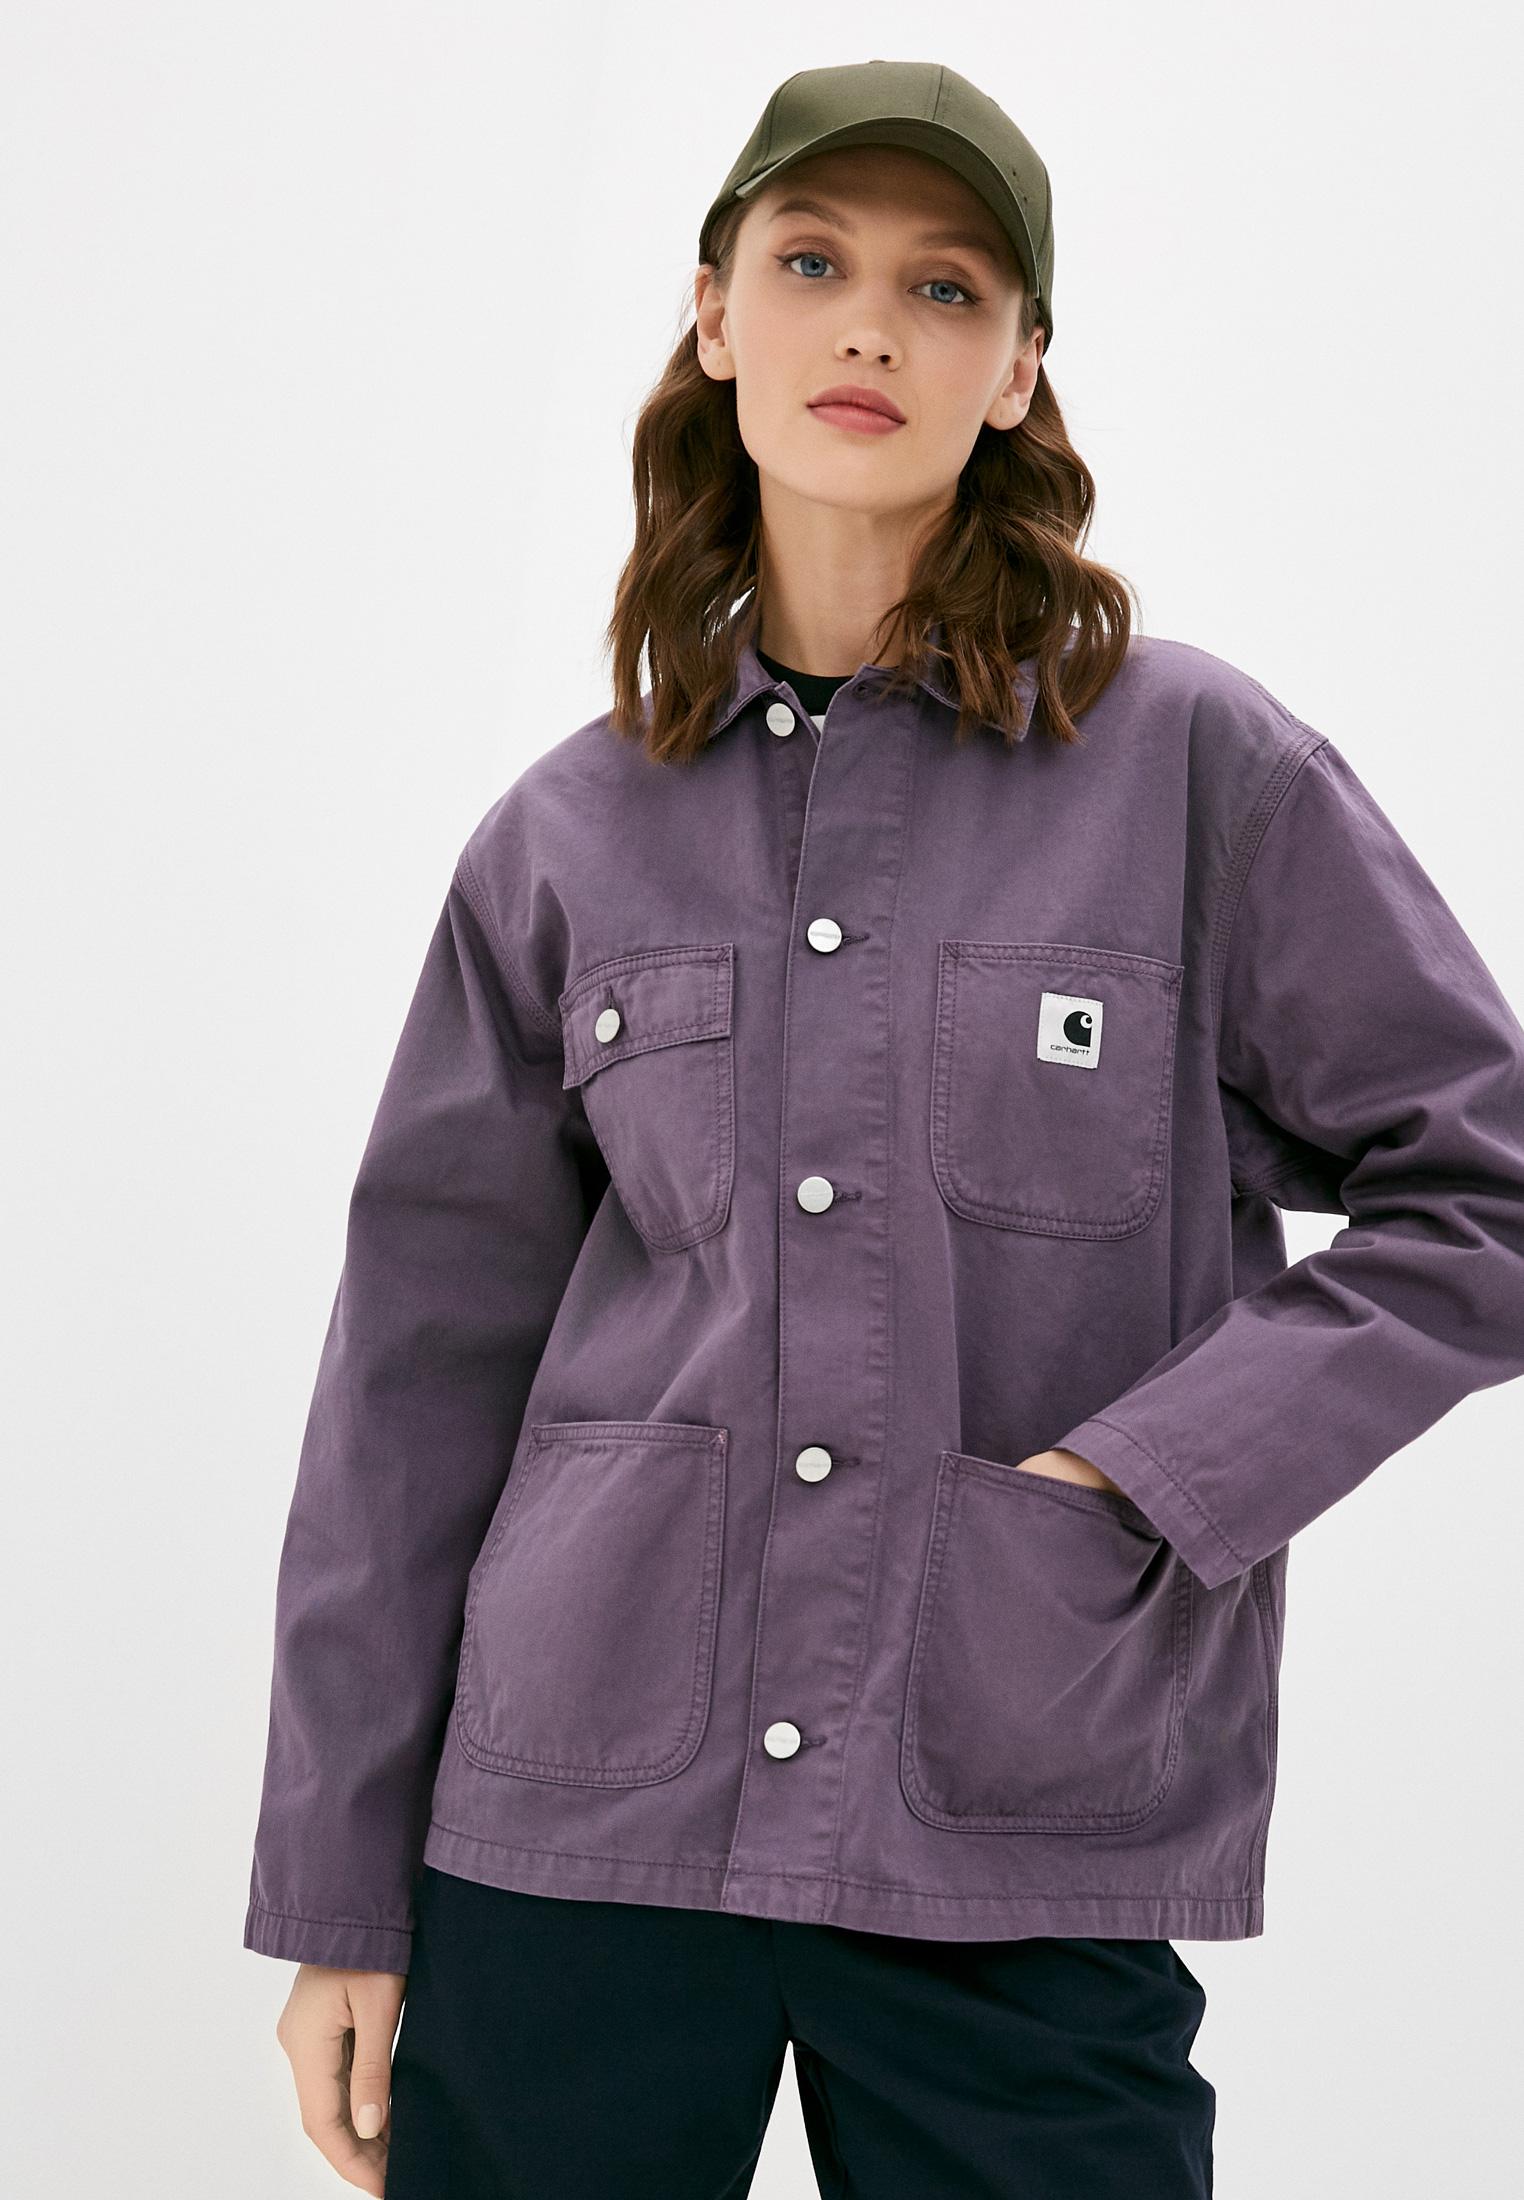 Джинсовая куртка Carhartt WIP I028003